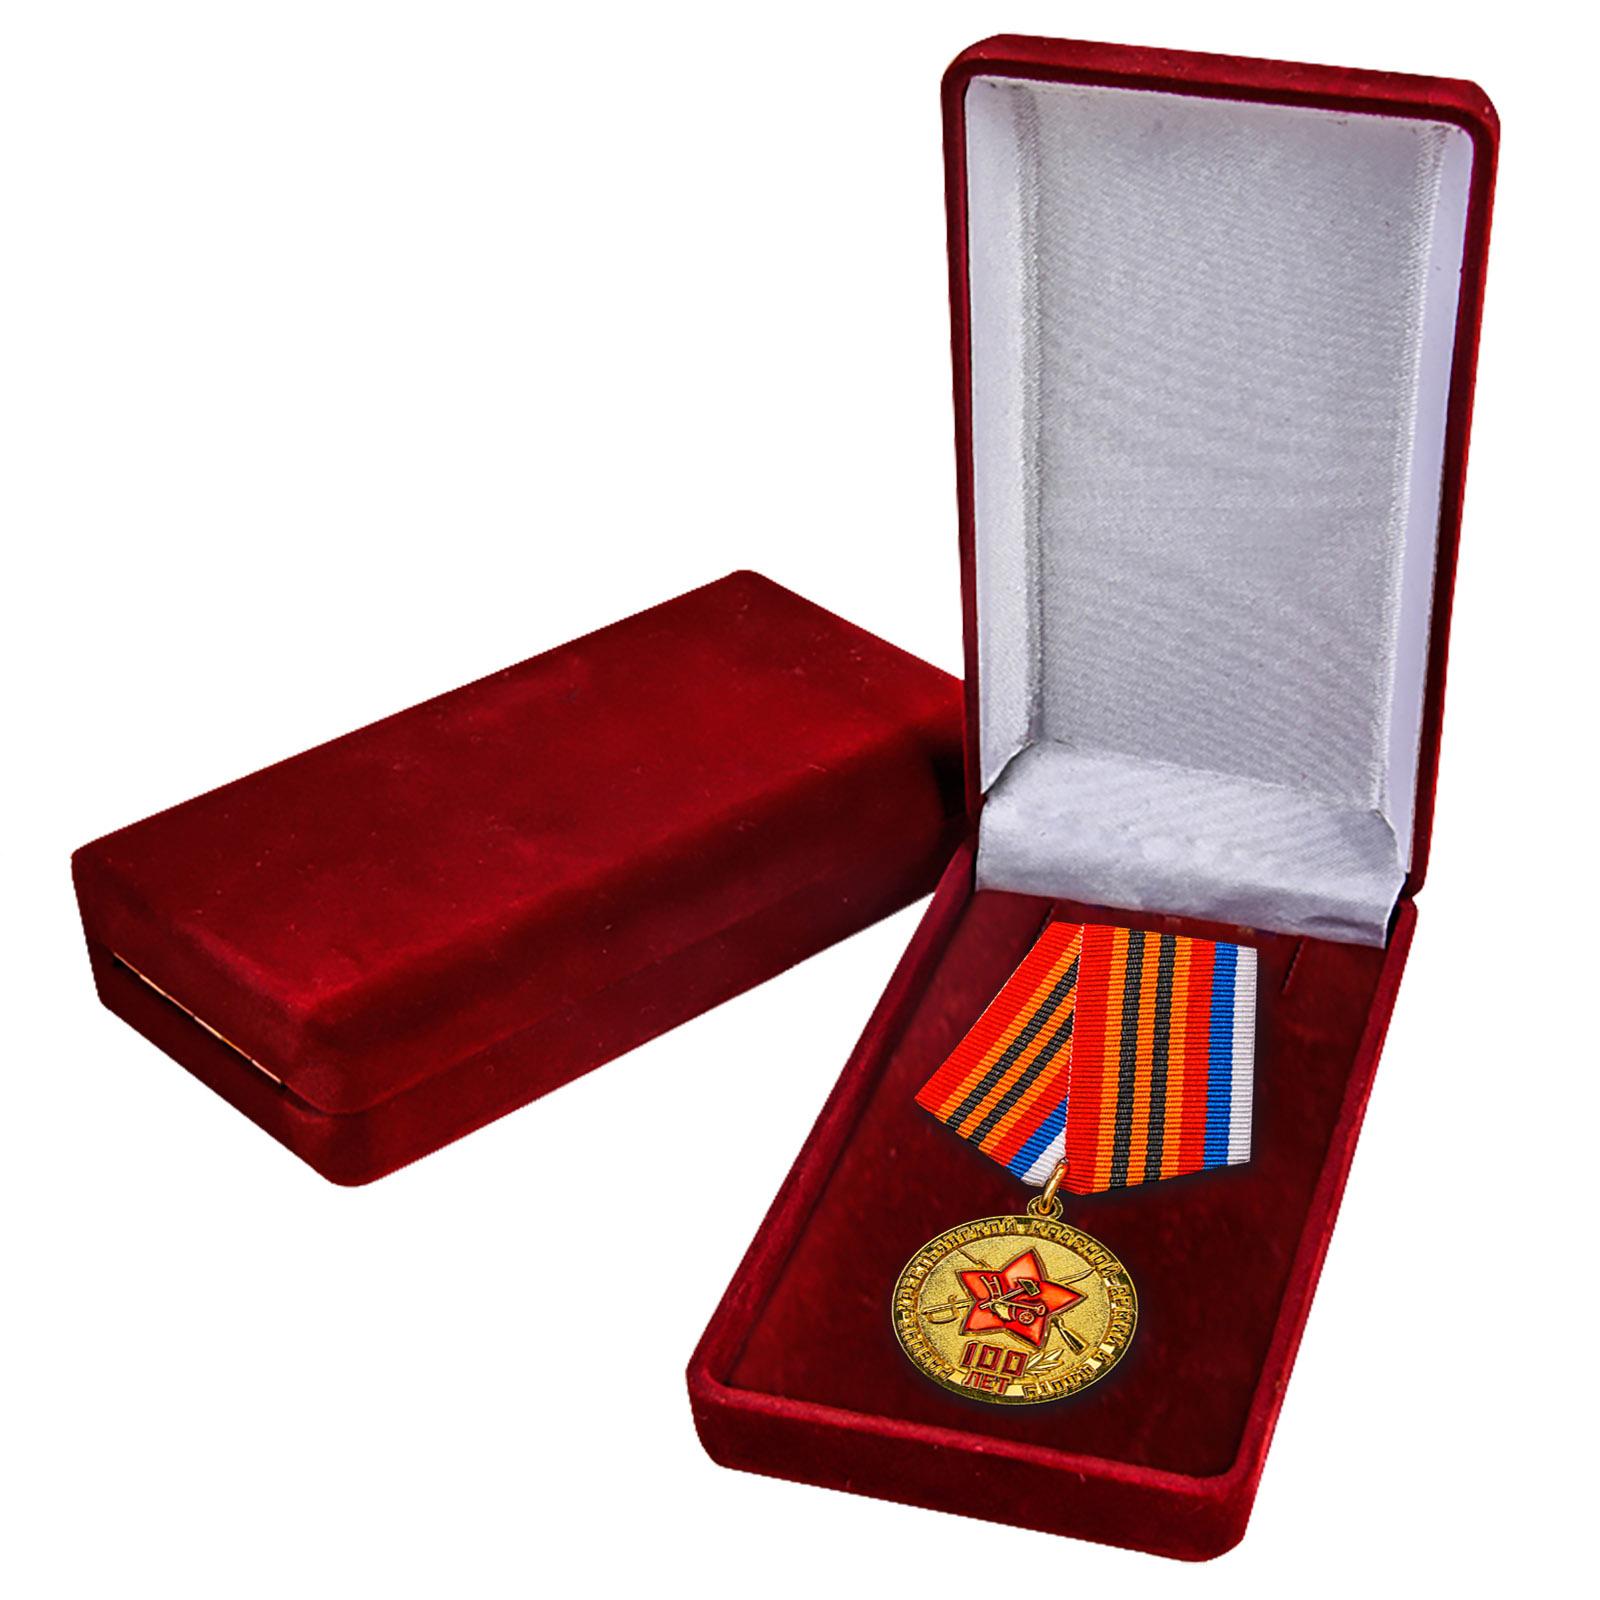 Небанальный подарок к 23 февраля – медаль «100 лет Рабоче-Крестьянской Армии»